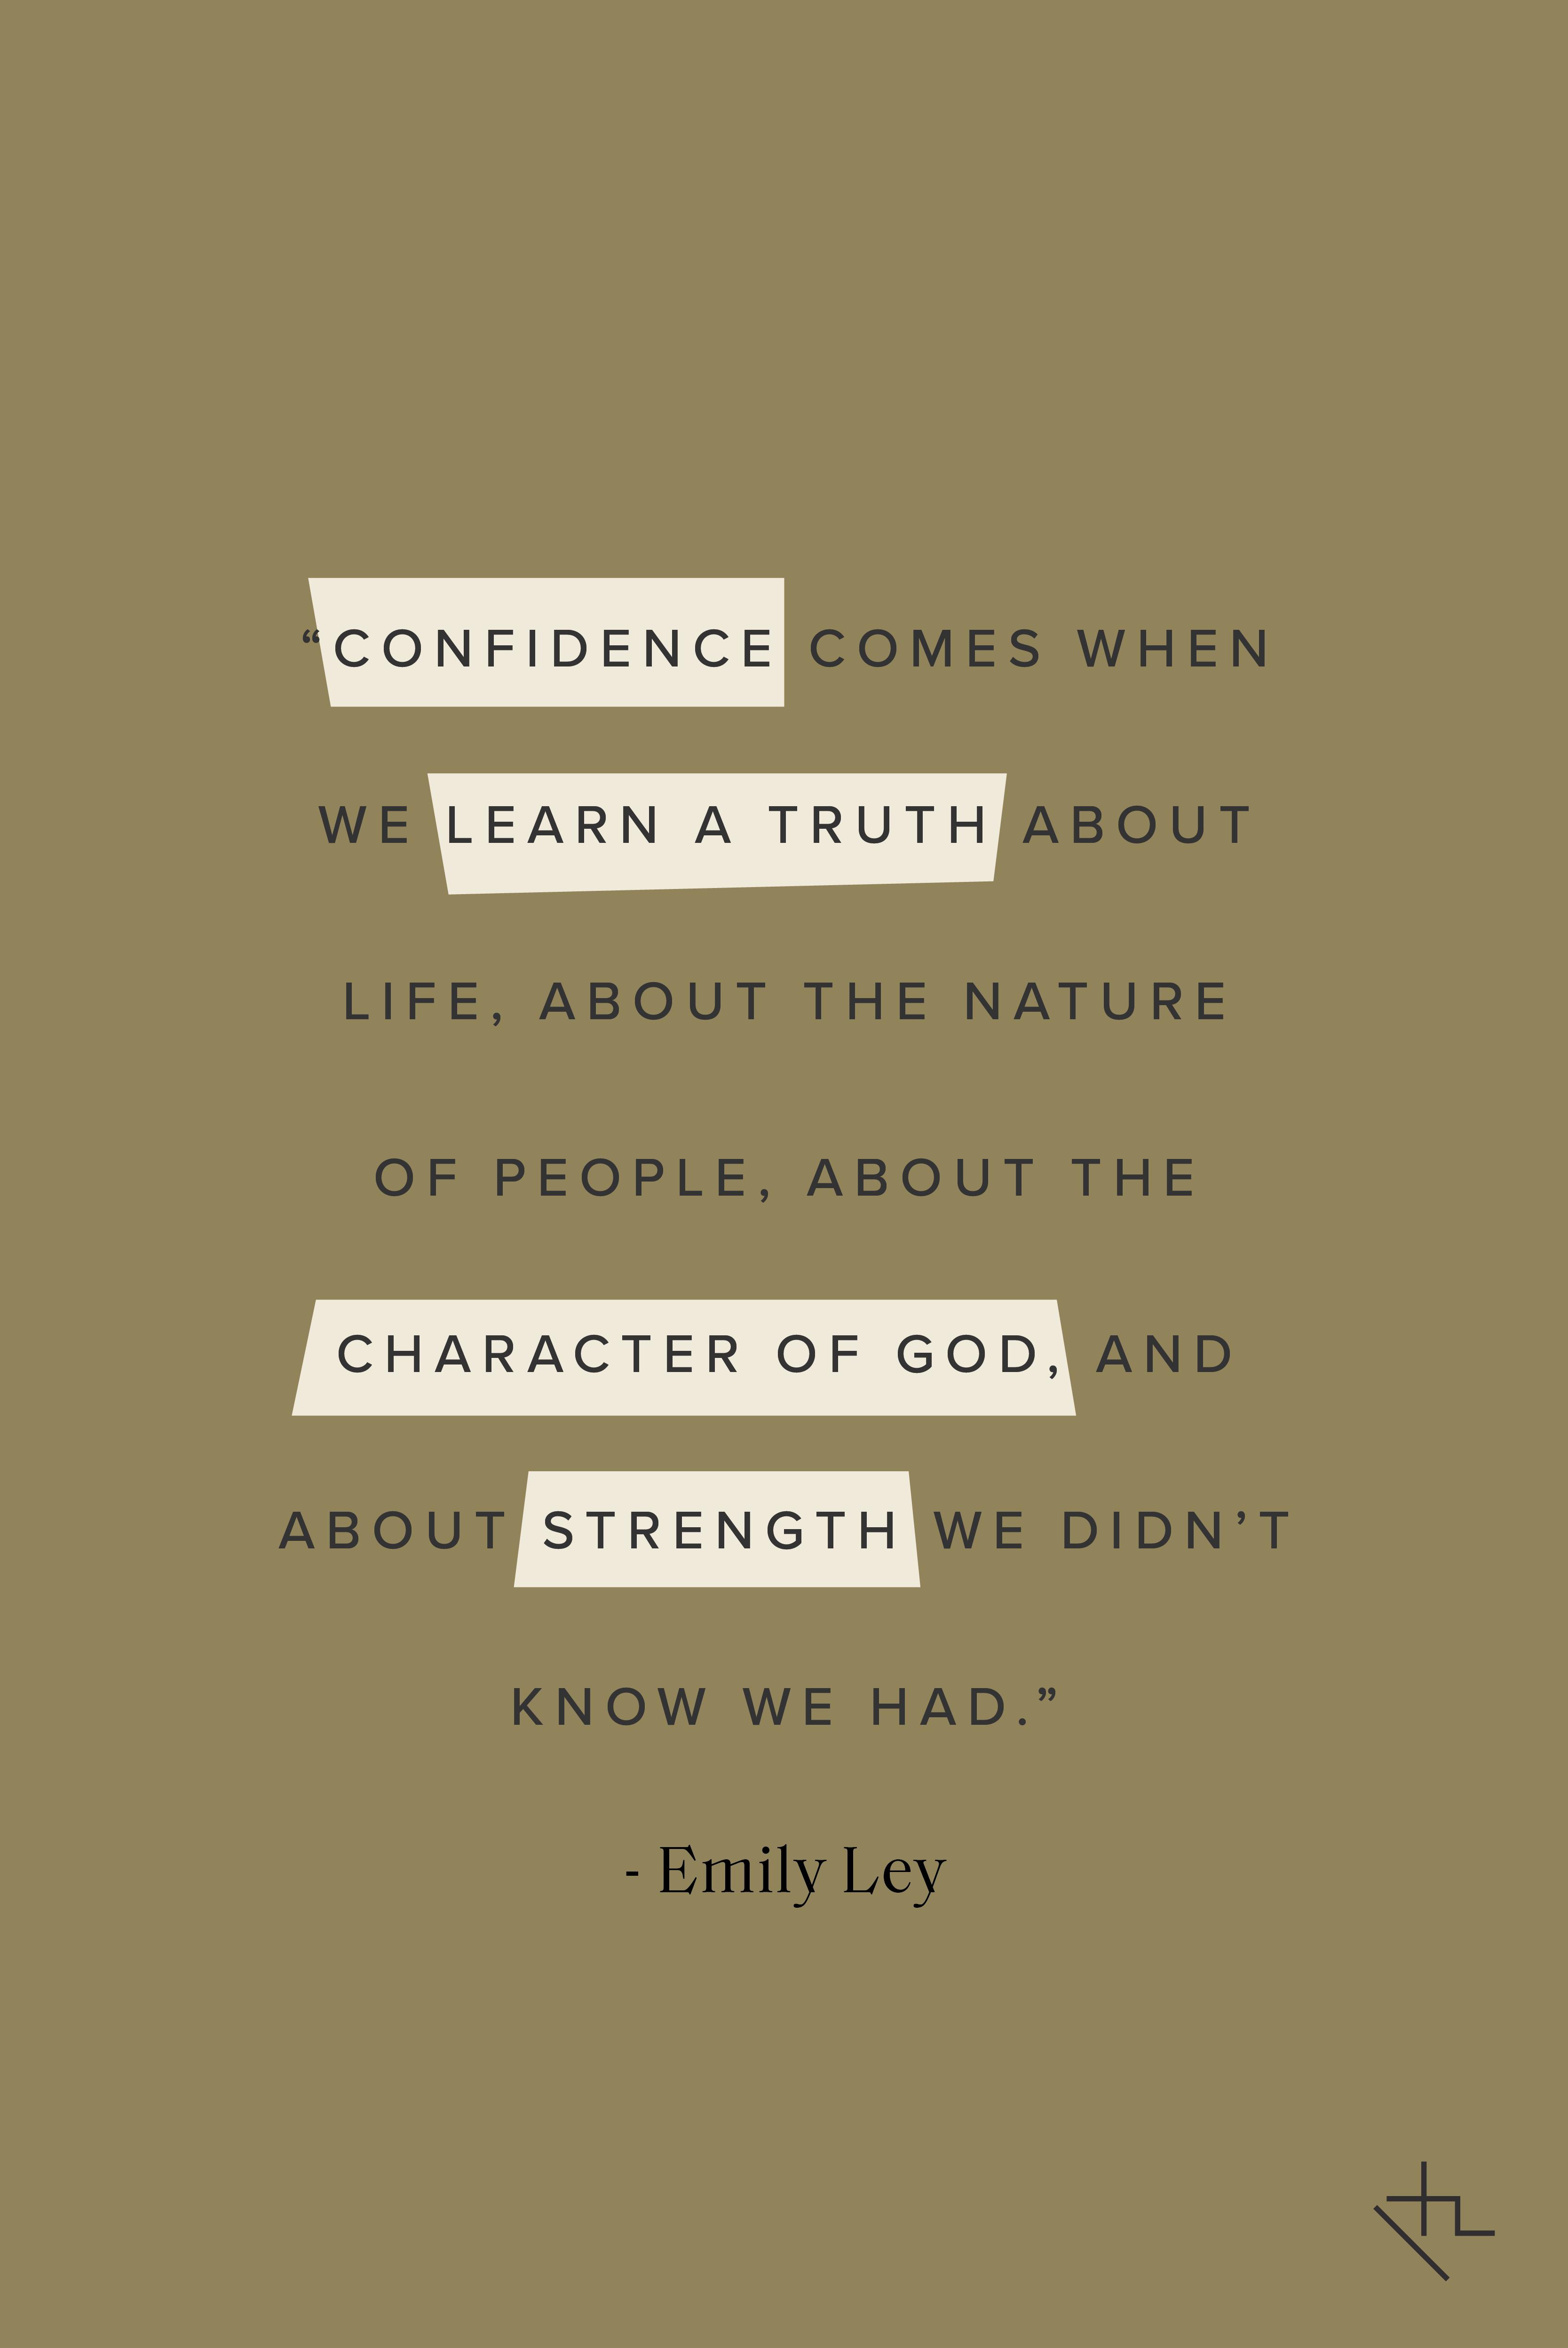 Emily Ley - Pinterest Image